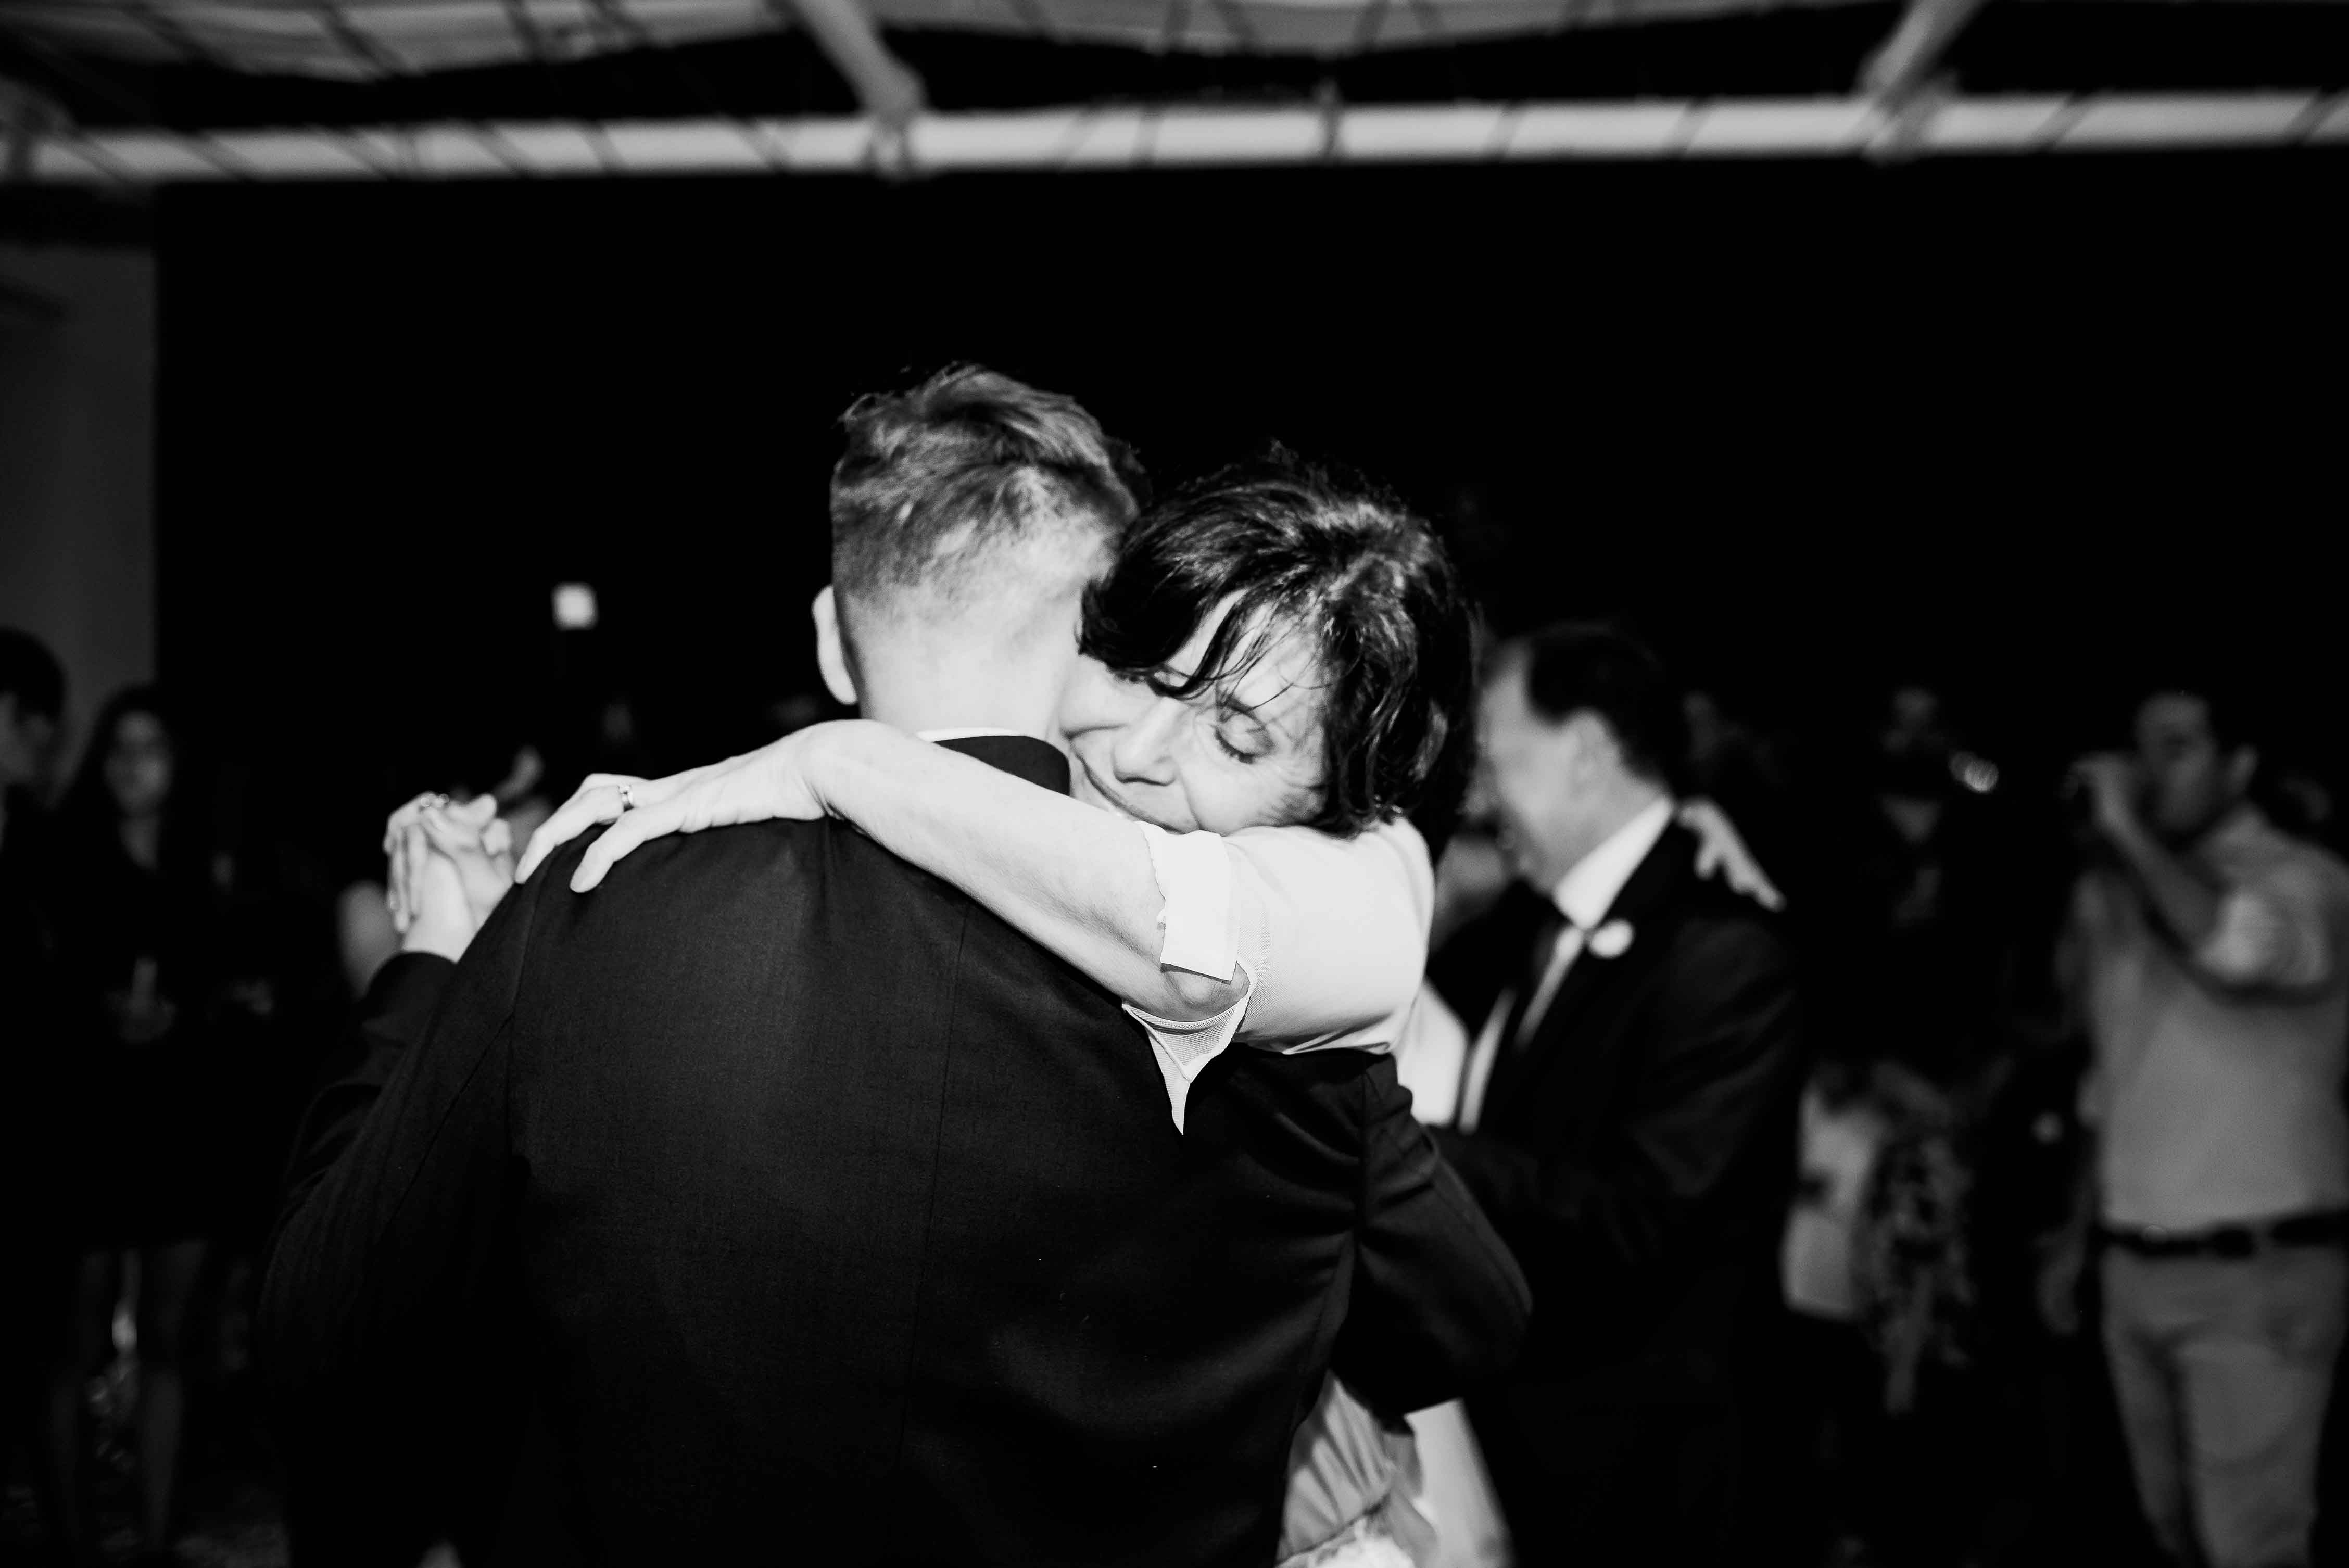 Fotos de la boda de Ani y Gonza en Victoria realizadas por Bucle Fotografías Flor Bosio y Caro Clerici